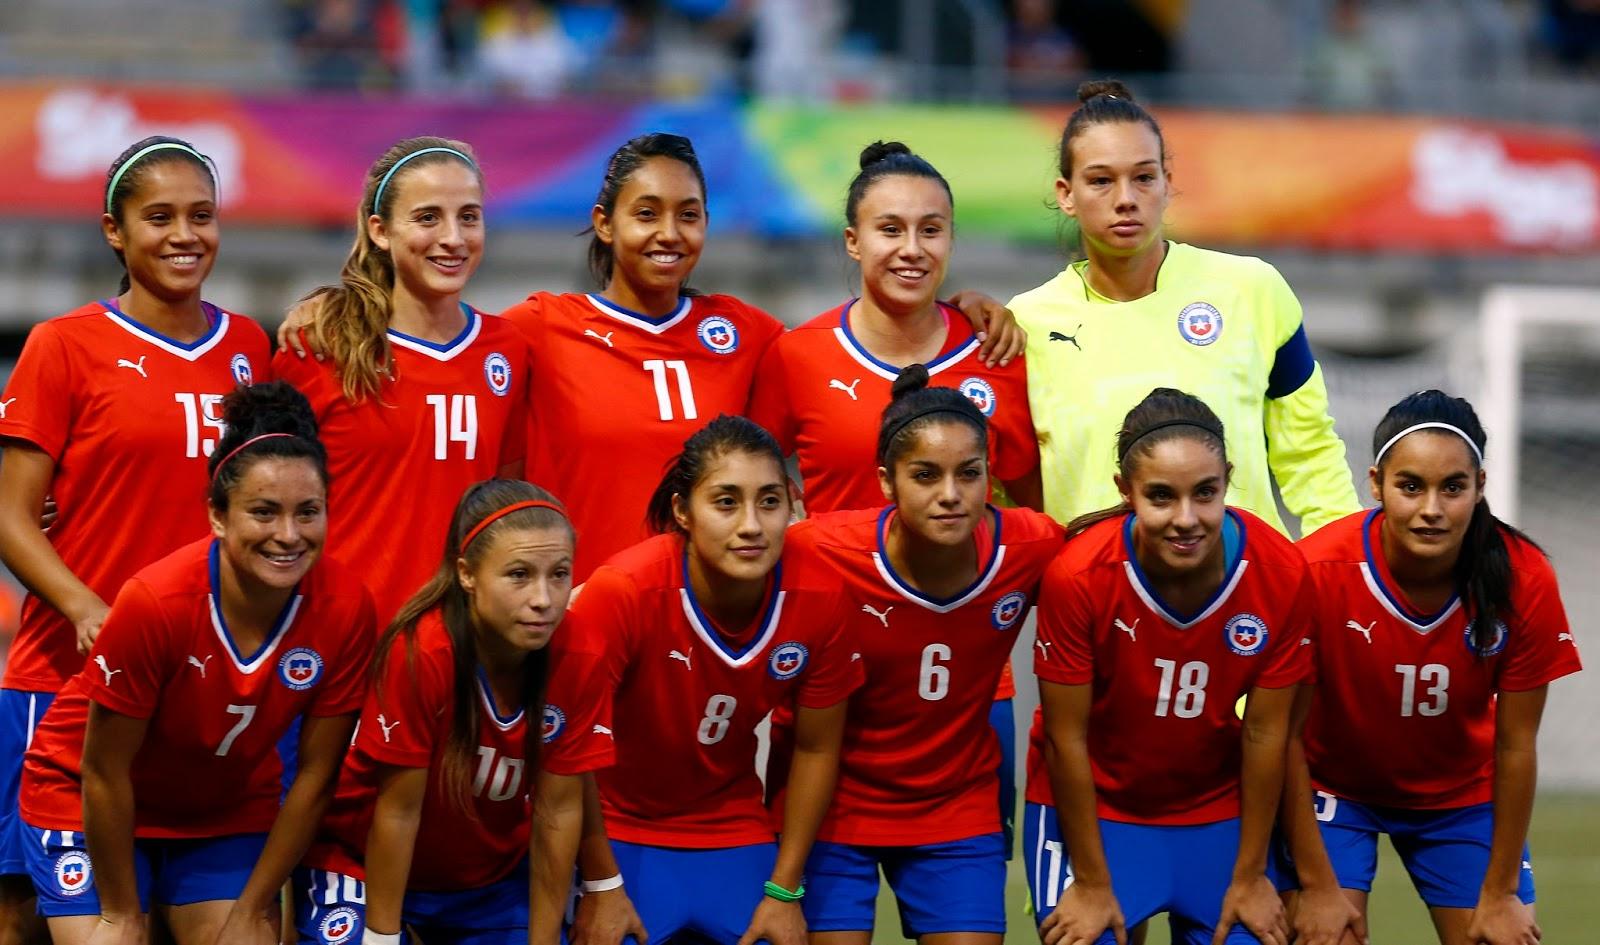 Formación de selección femenina de Chile ante Bolivia, Juegos Suramericanos Santiago 2014, 12 de marzo